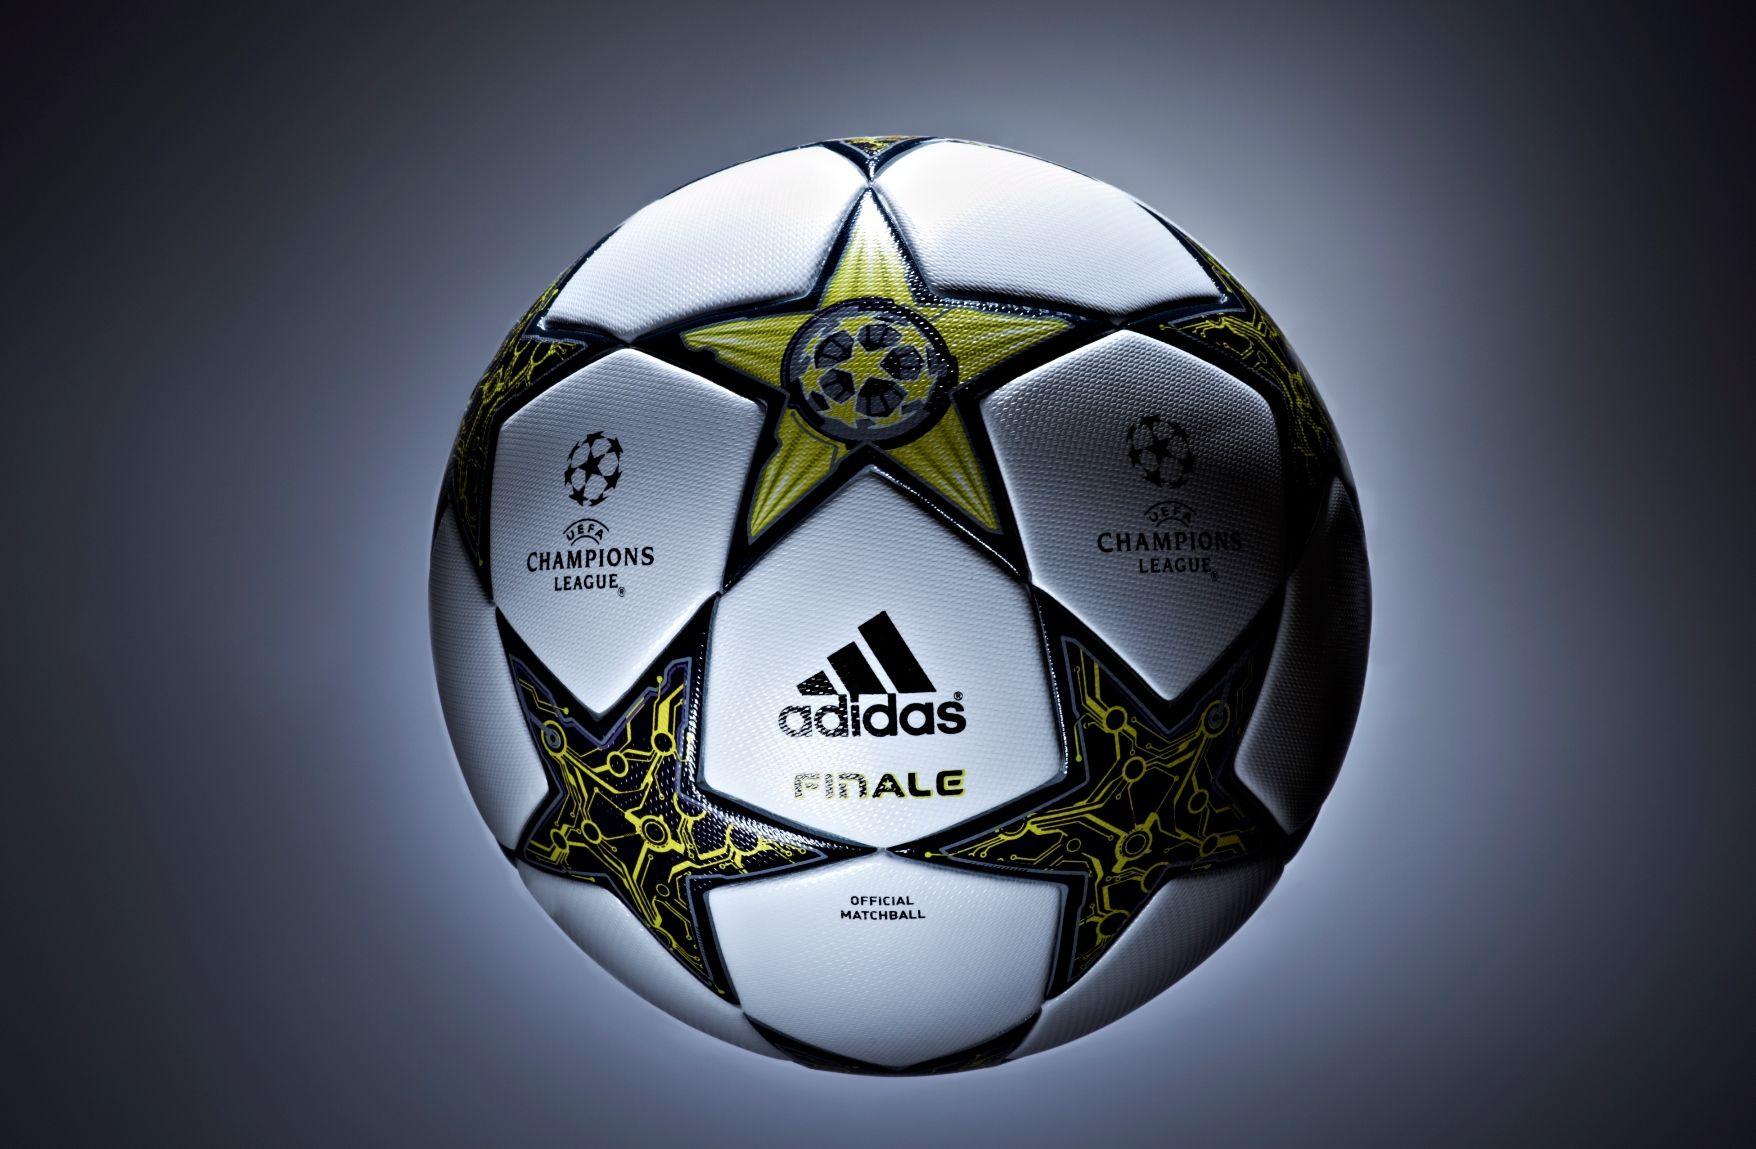 اجمل فيديو تشاهده فى حياتك عن كرة القدم بعنوان مهارات اسطورية لأساطير كرة القدم Champions League Soccer League